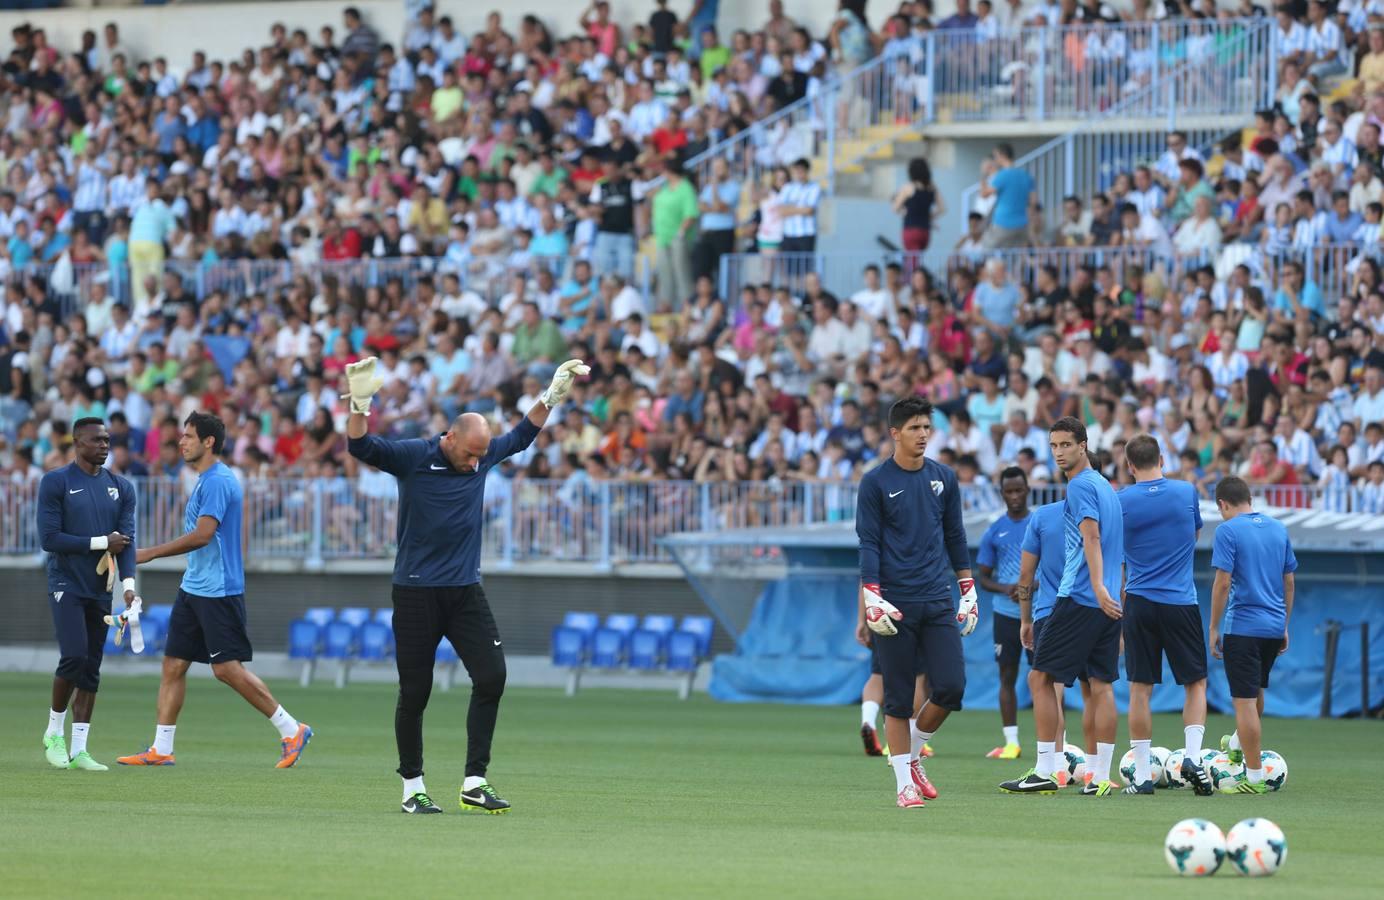 El Málaga se entrena con público en La Rosaleda